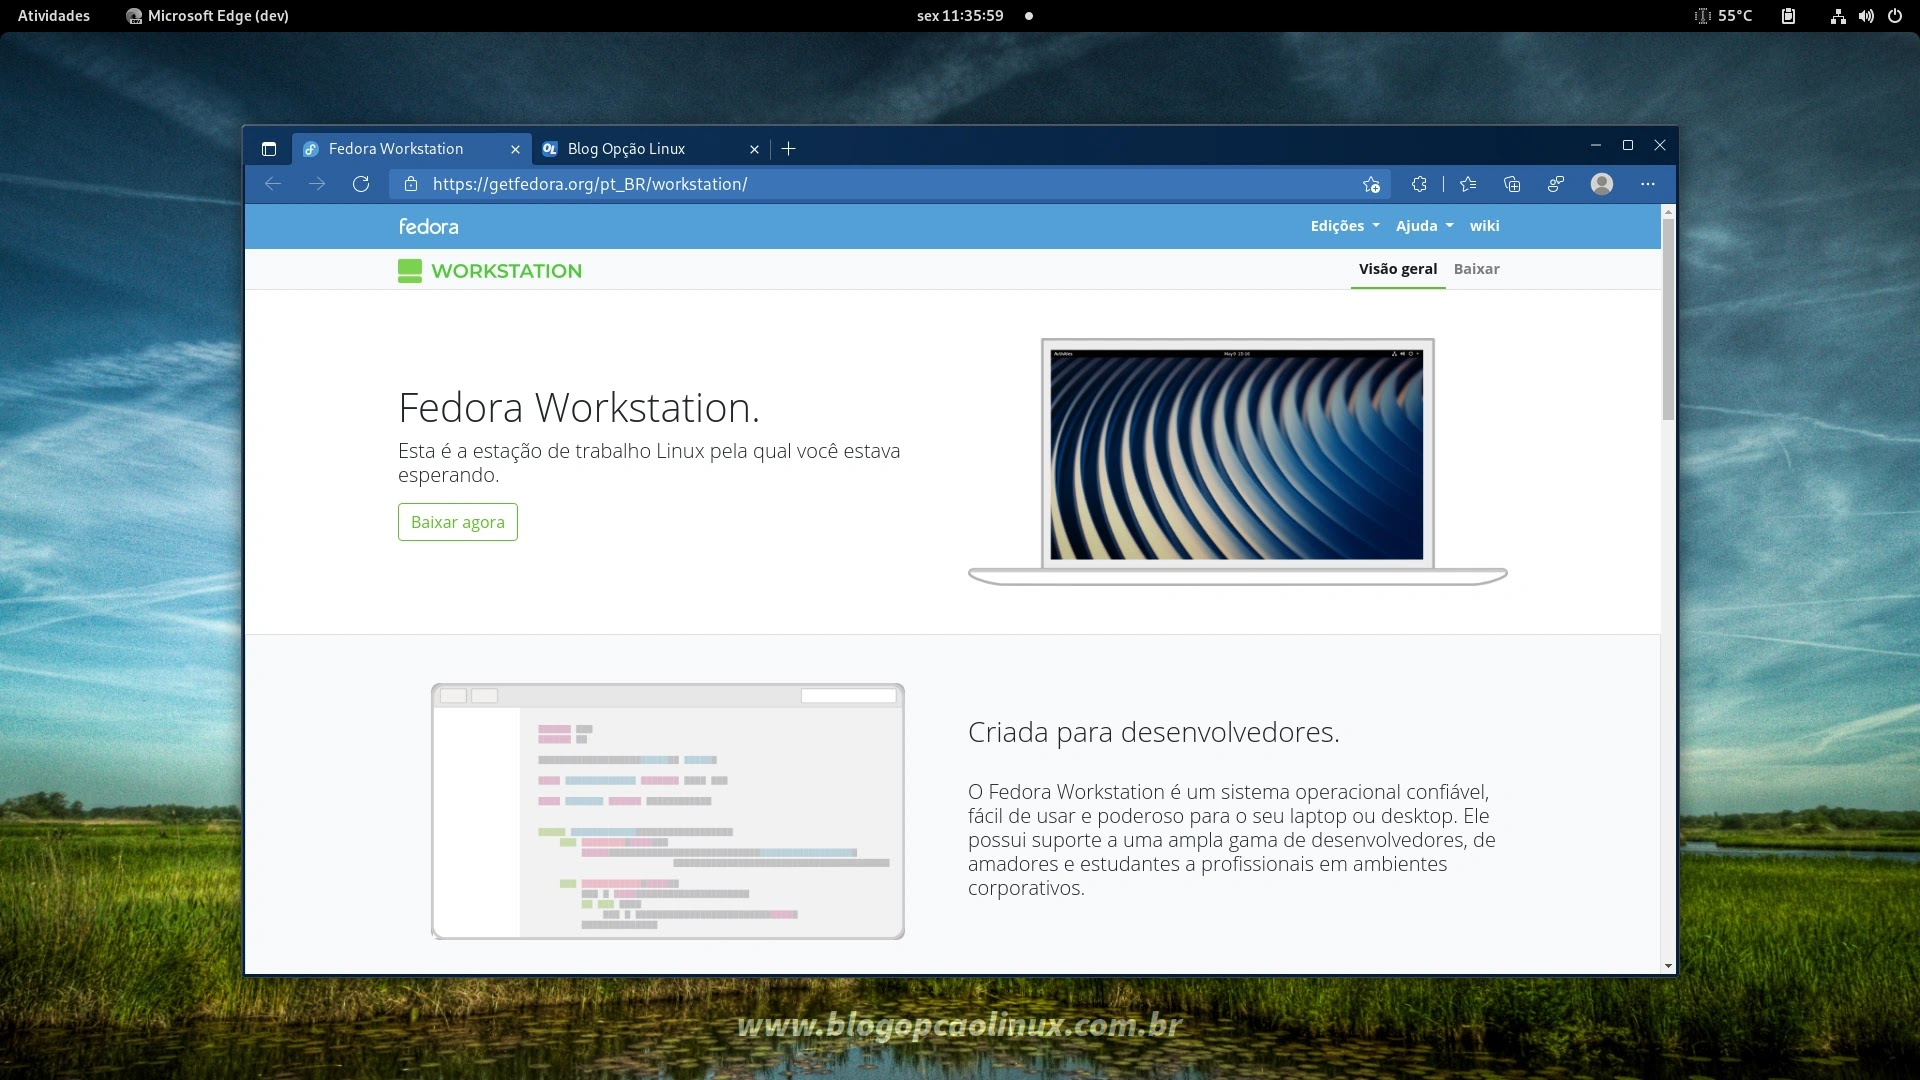 Navegador Microsoft Edge executando no Fedora Workstation